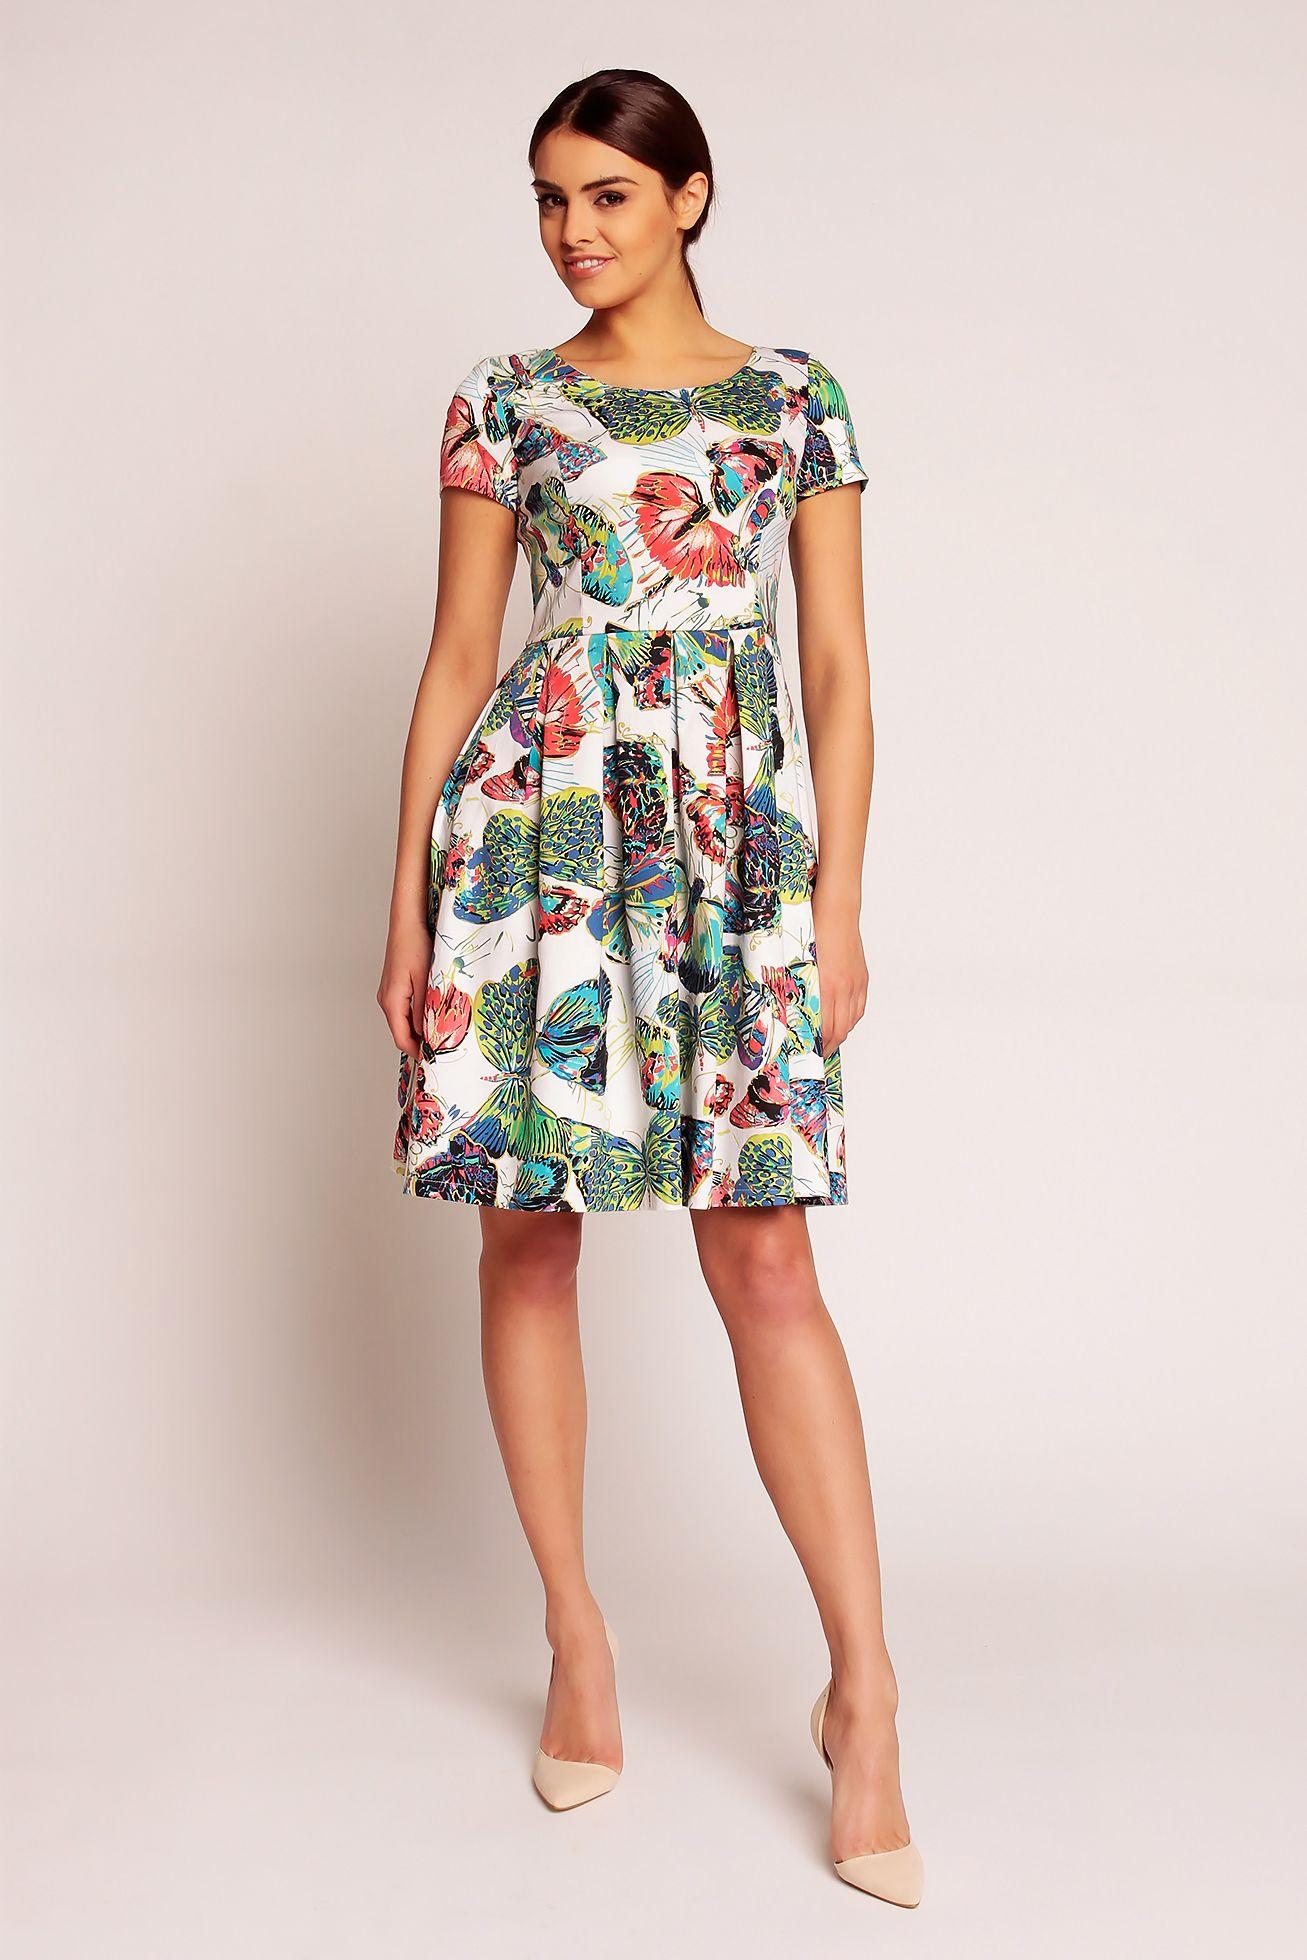 971086b284e Wiosenna rozkloszowana sukienka w motyle z dekoltem w łódkę ...